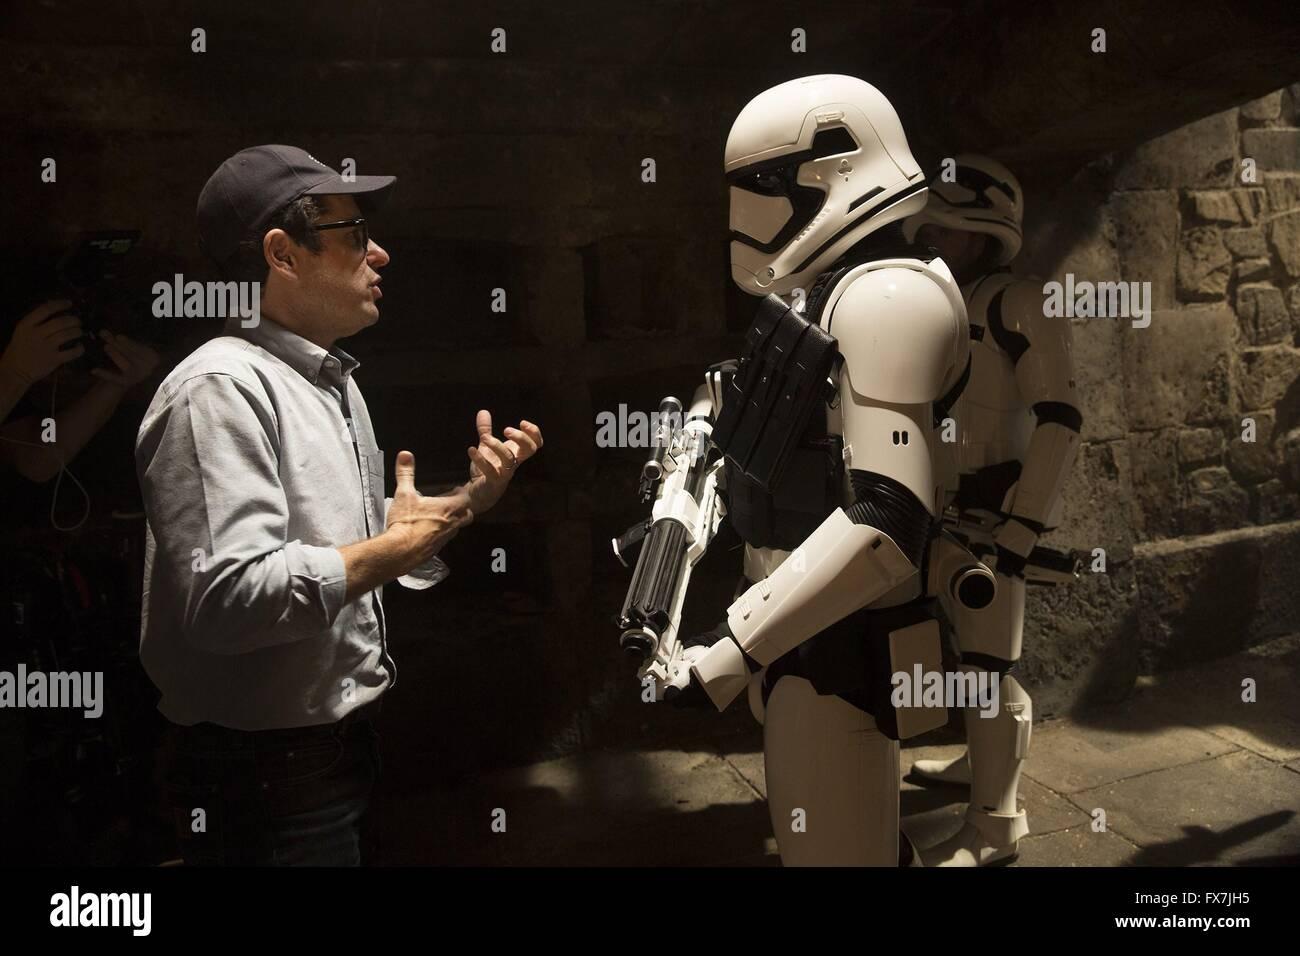 Star Wars: Episode VII - The Force Awakens Year : 2015 USA Director : J.J. Abrams J.J. Abrams, John Boyega Shooting - Stock Image